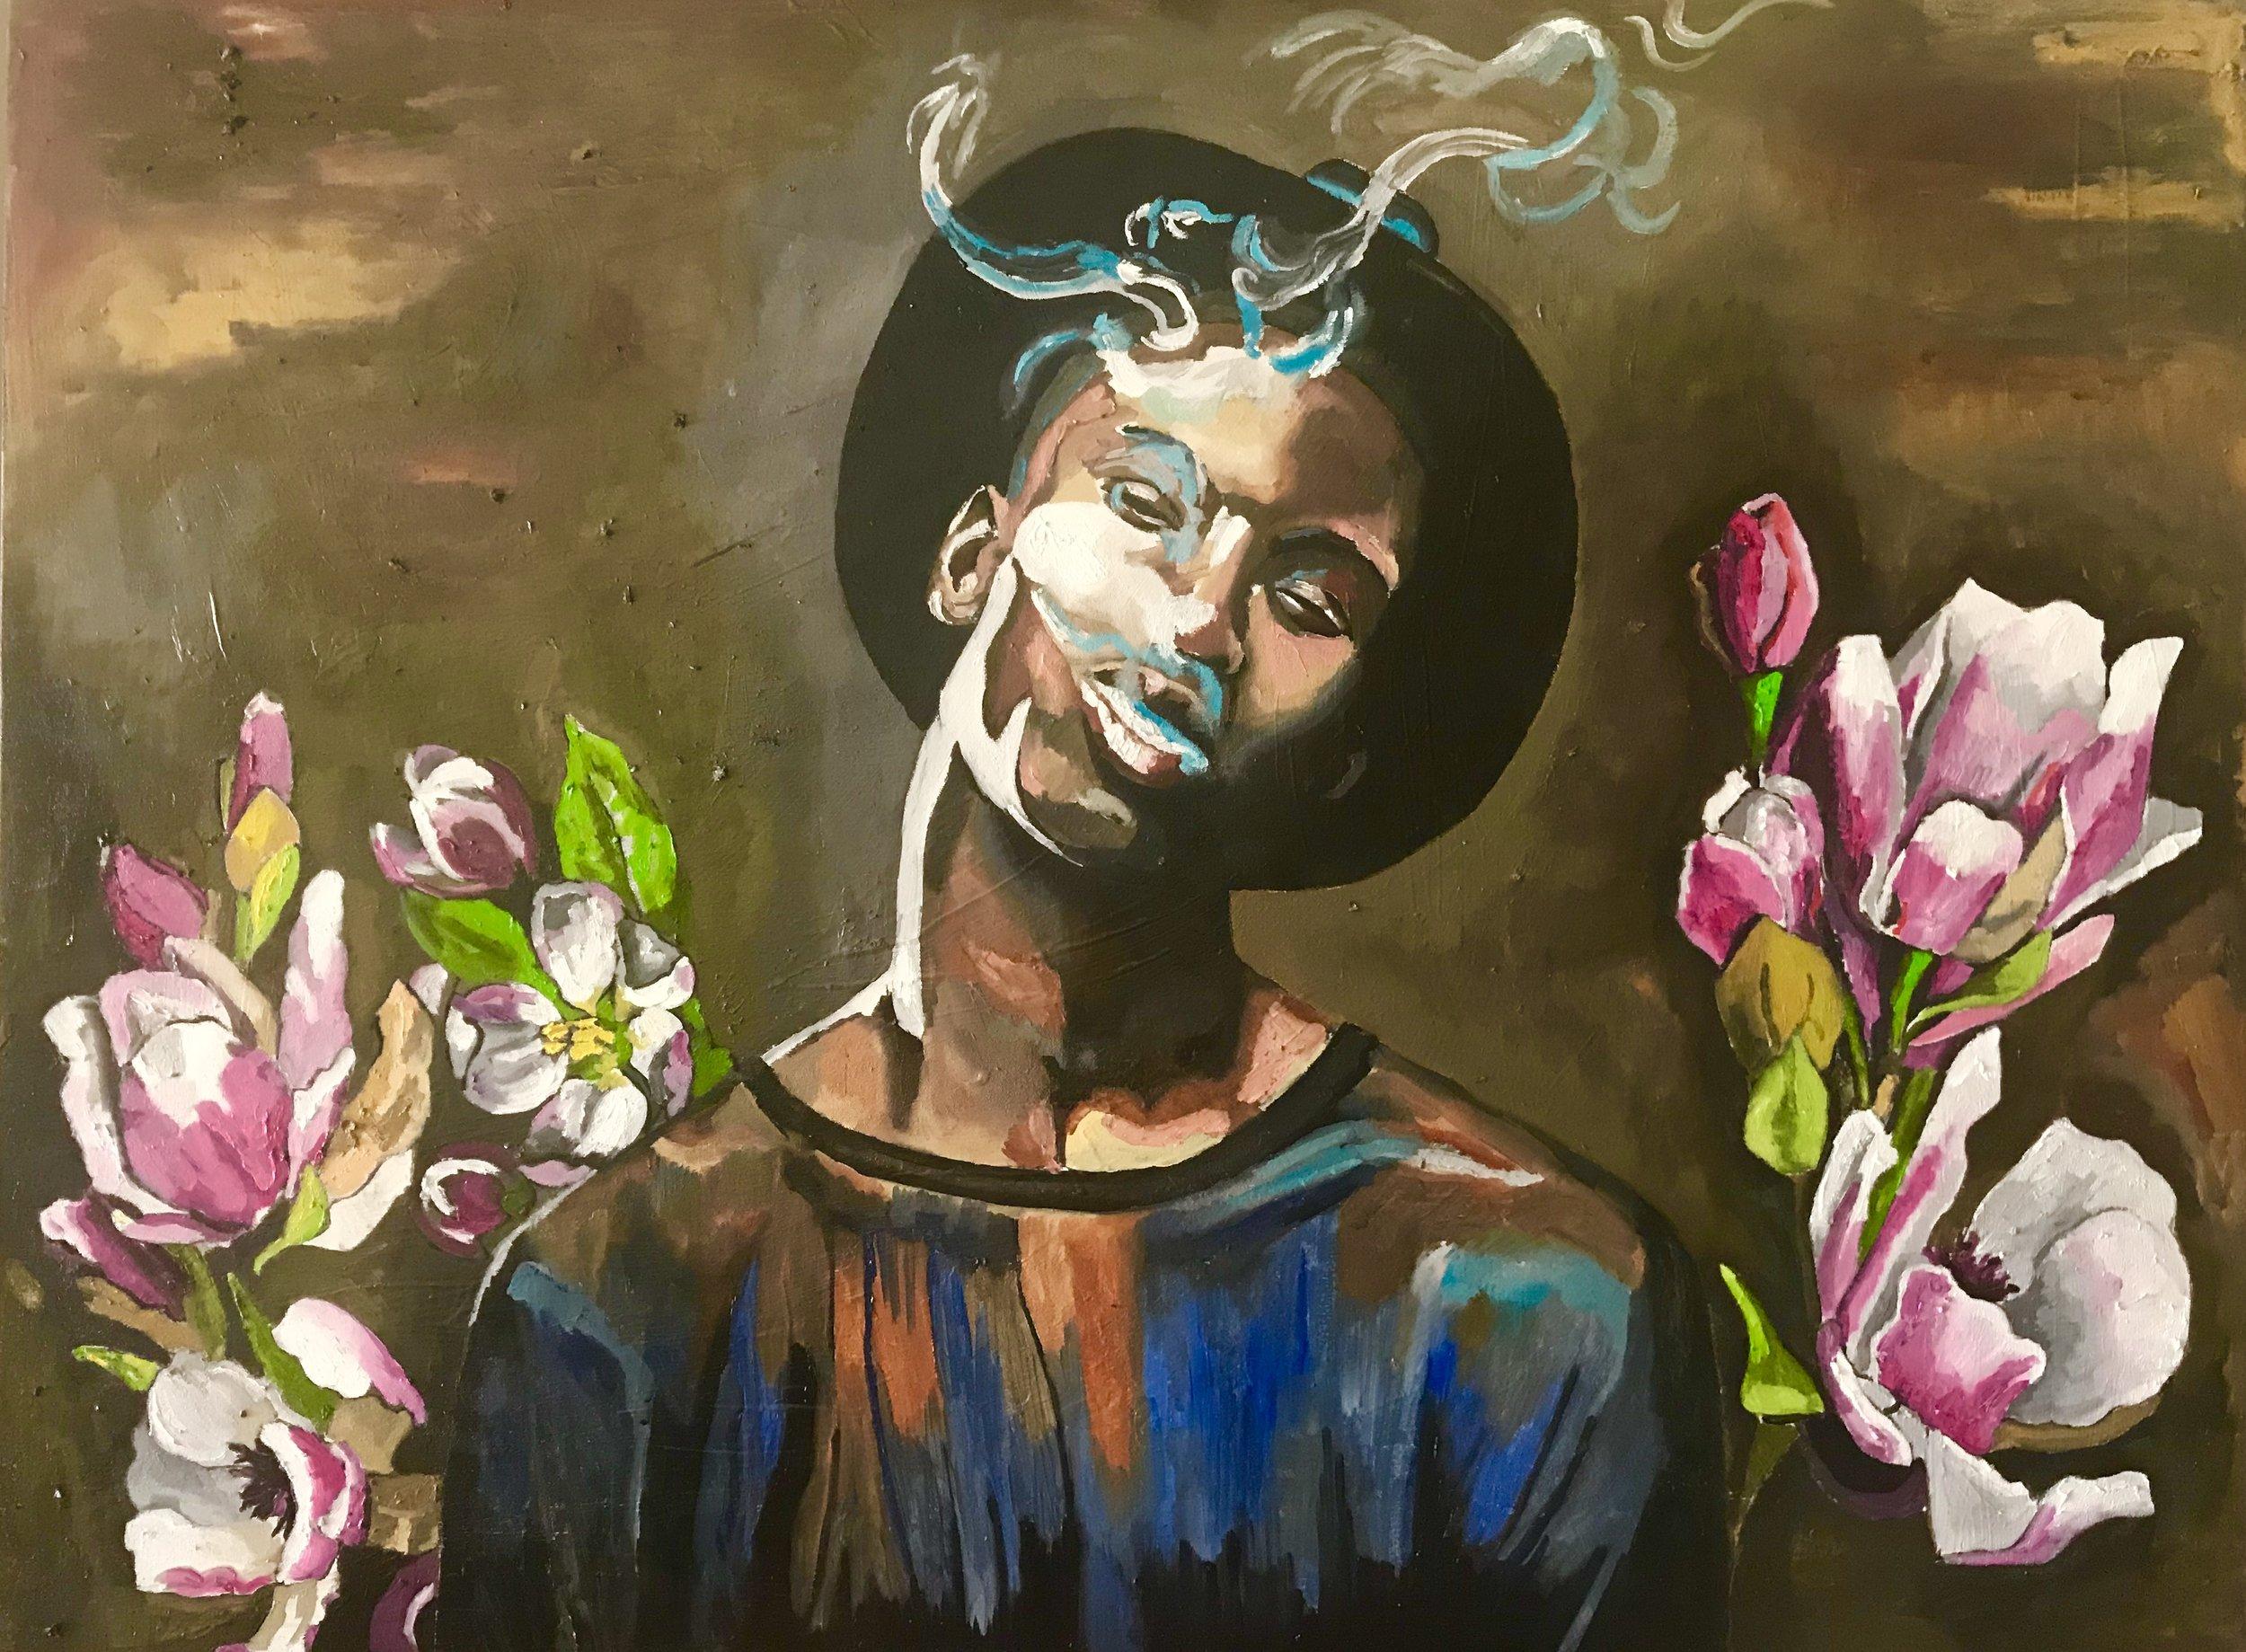 Georgia Lobo, Doidão, 2018, óleo sobre tela, 1,20 x 0,90